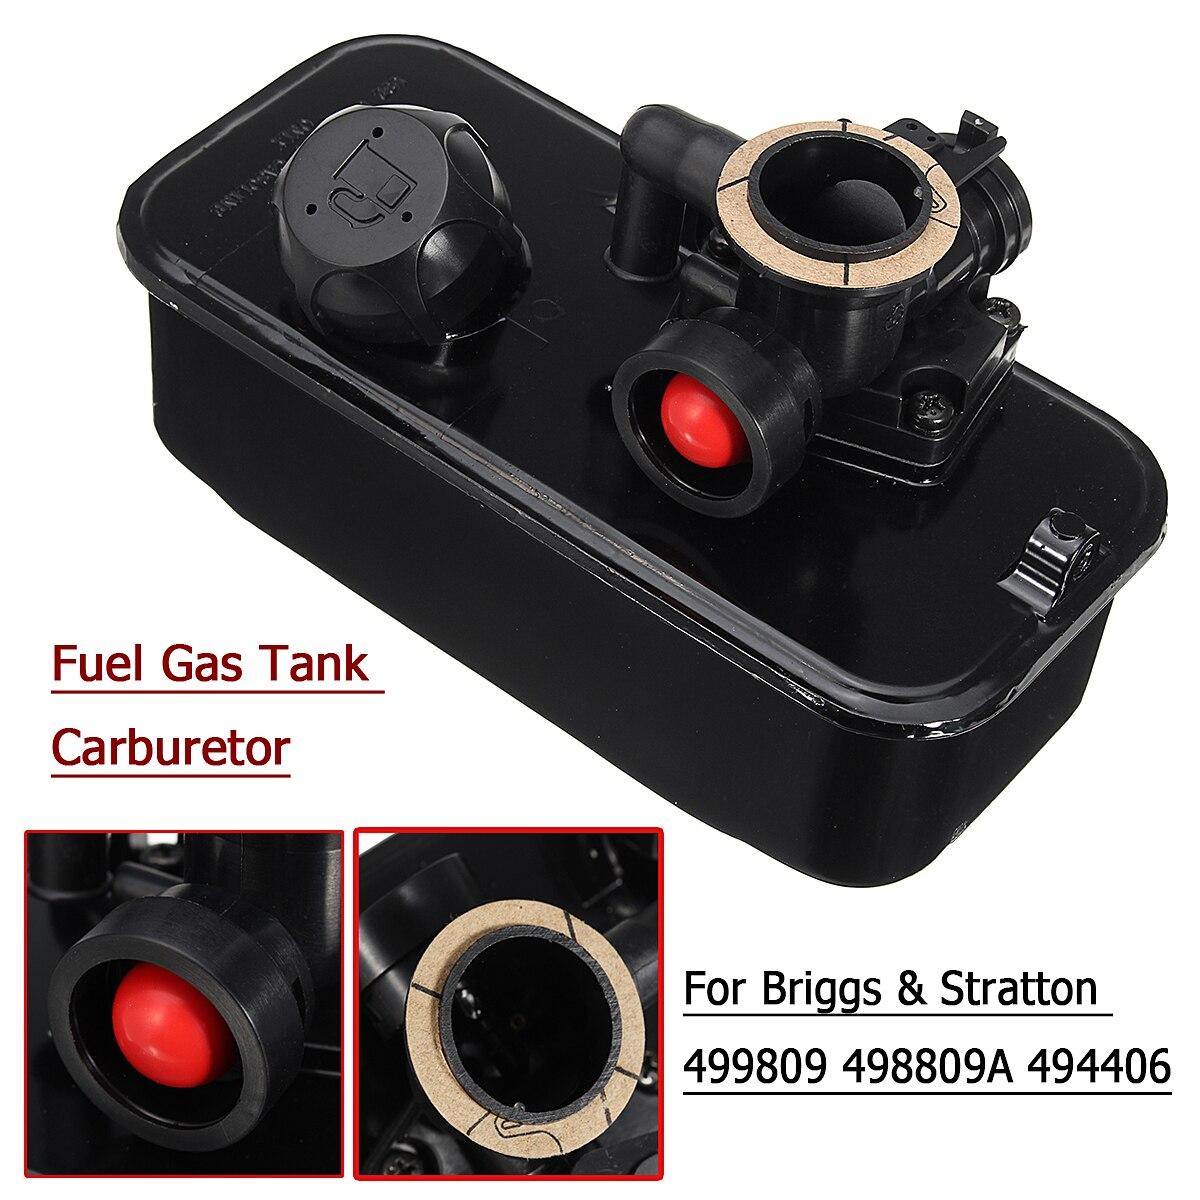 Fuel Gas Tank Mower Carburetor Carb for Briggs & Stratton 499809 498809A 494406